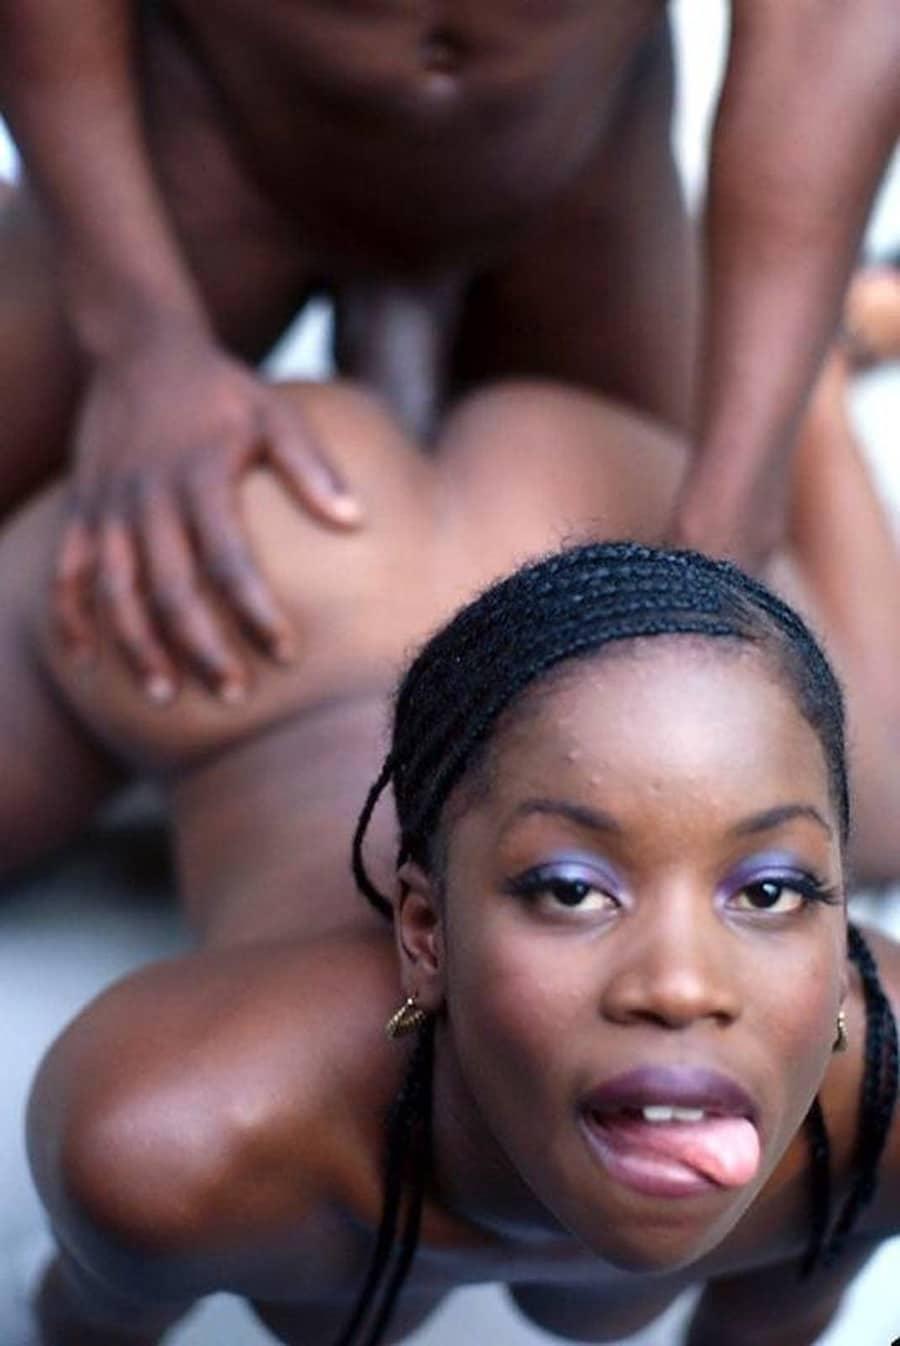 Levrette black woman